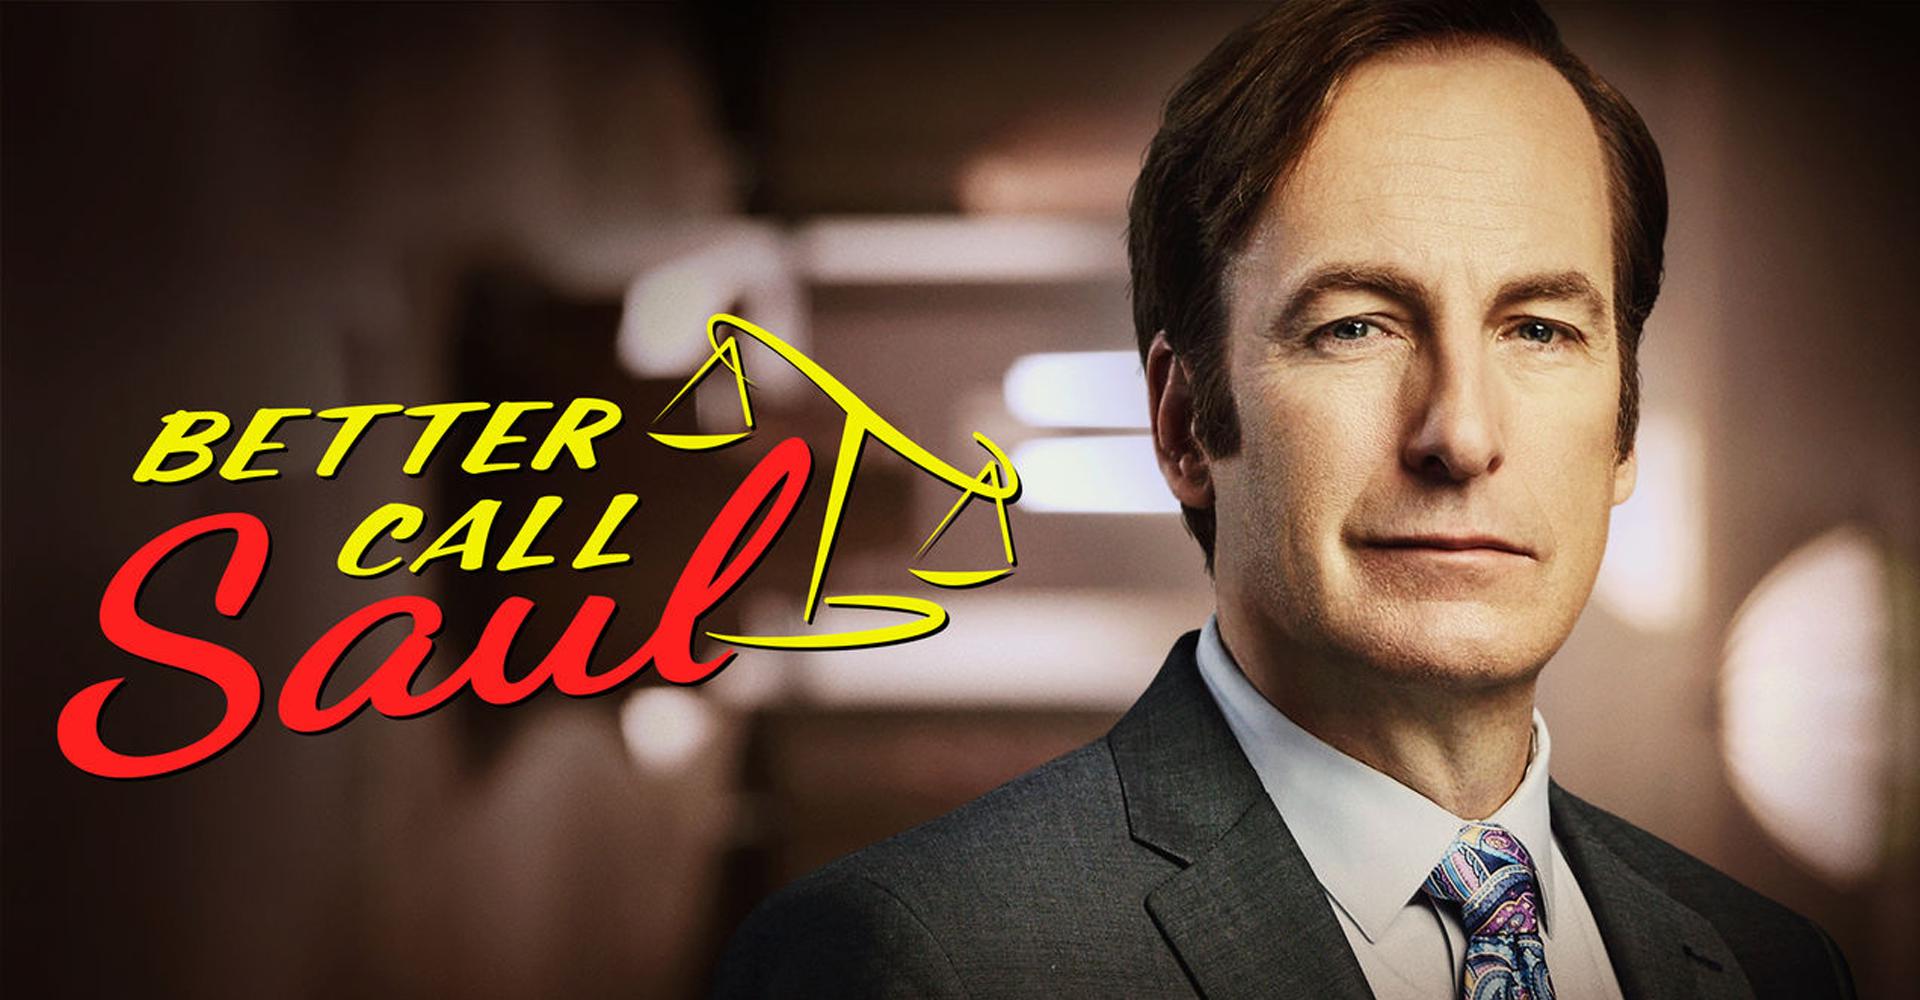 Better-Call-Saul.jpg